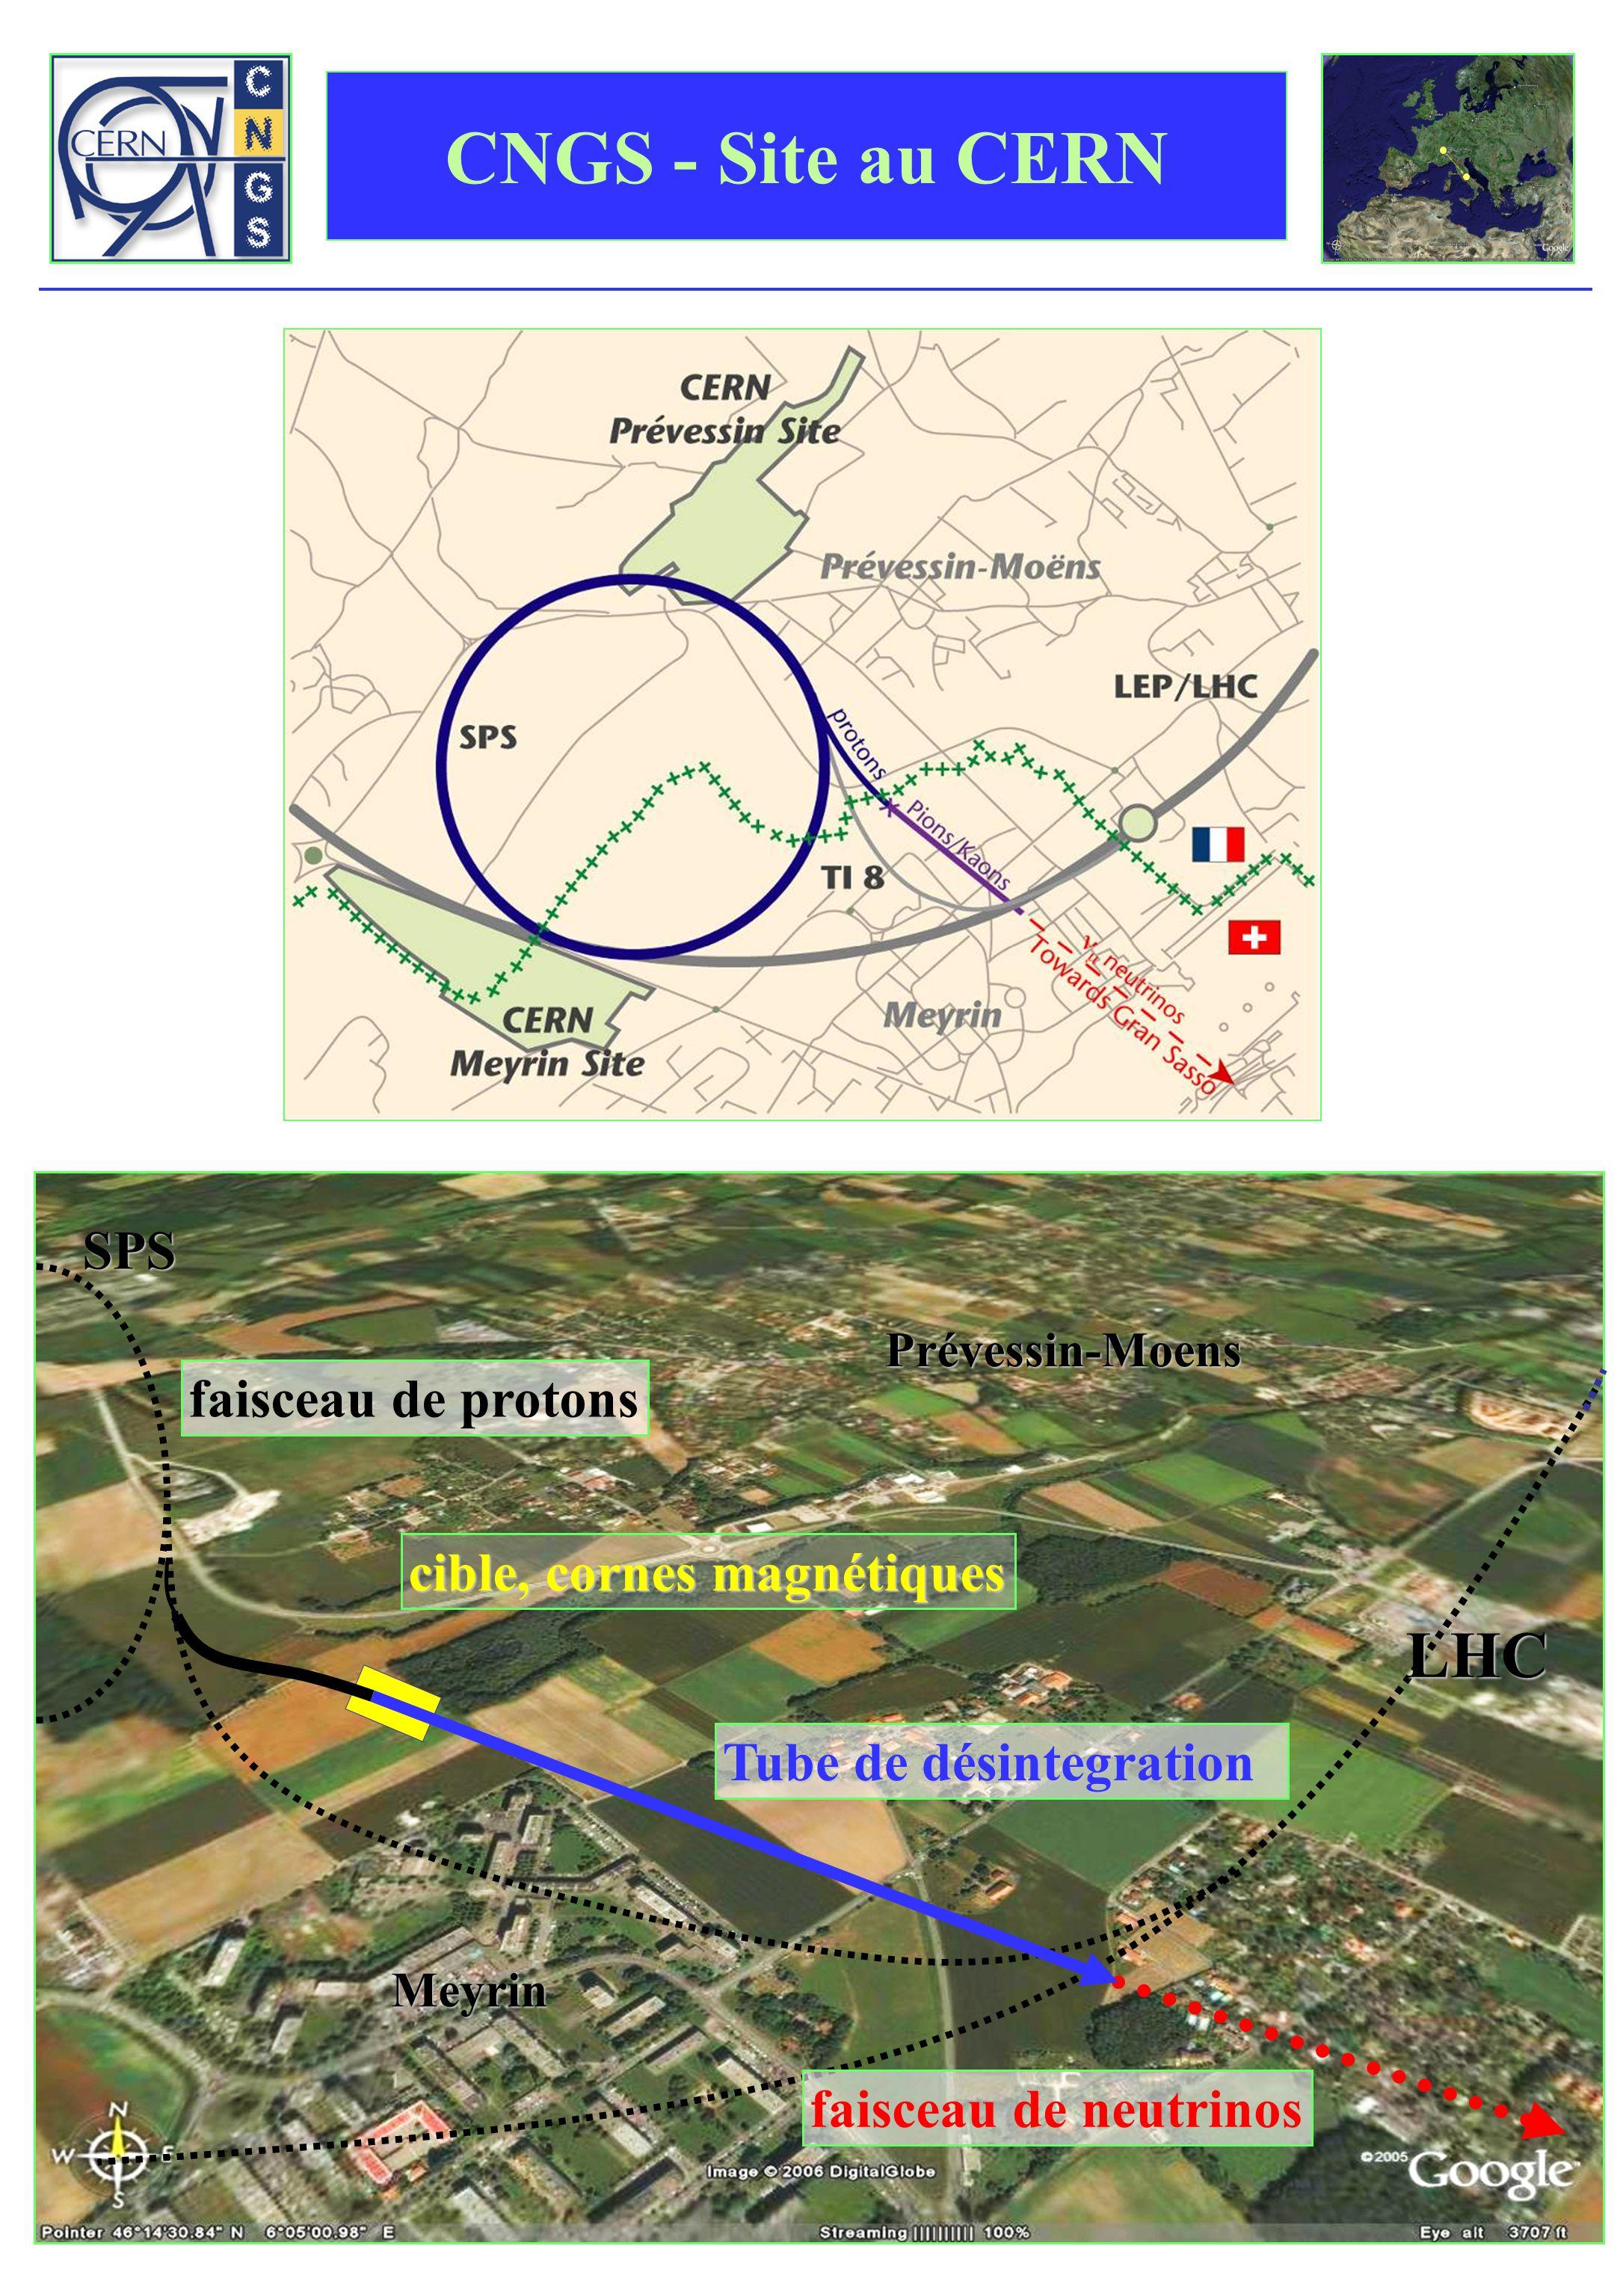 CNGS - Site au CERN Meyrin Prévessin-Moens SPS LHC faisceau de protons cible, cornes magnétiques faisceau de neutrinos Tube de désintegration